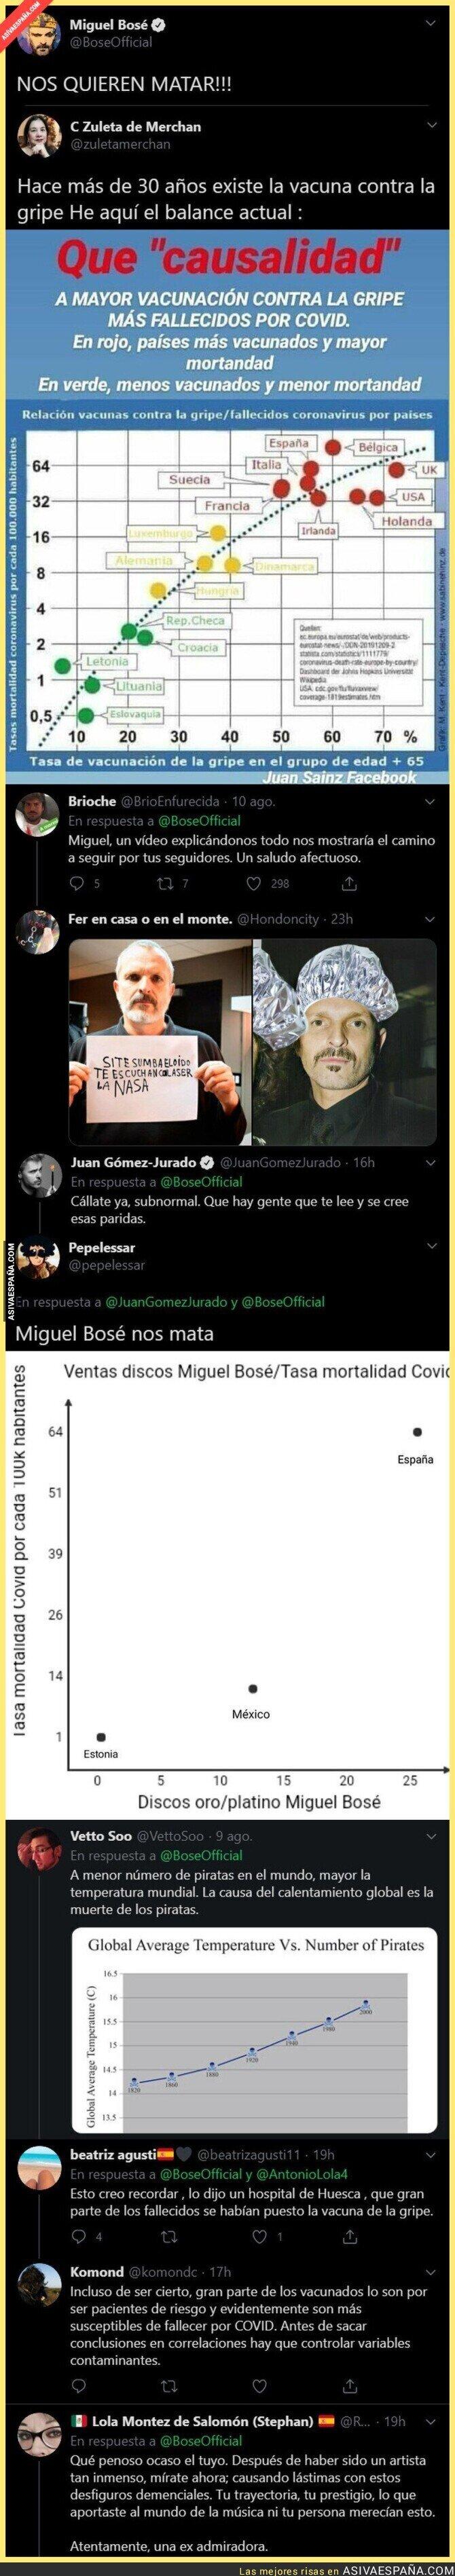 315318 - Miguel Bosé se convierte en el hazmerreír de Twitter por esta falsa relación de la vacuna de la gripe y la muerte por coronavirus